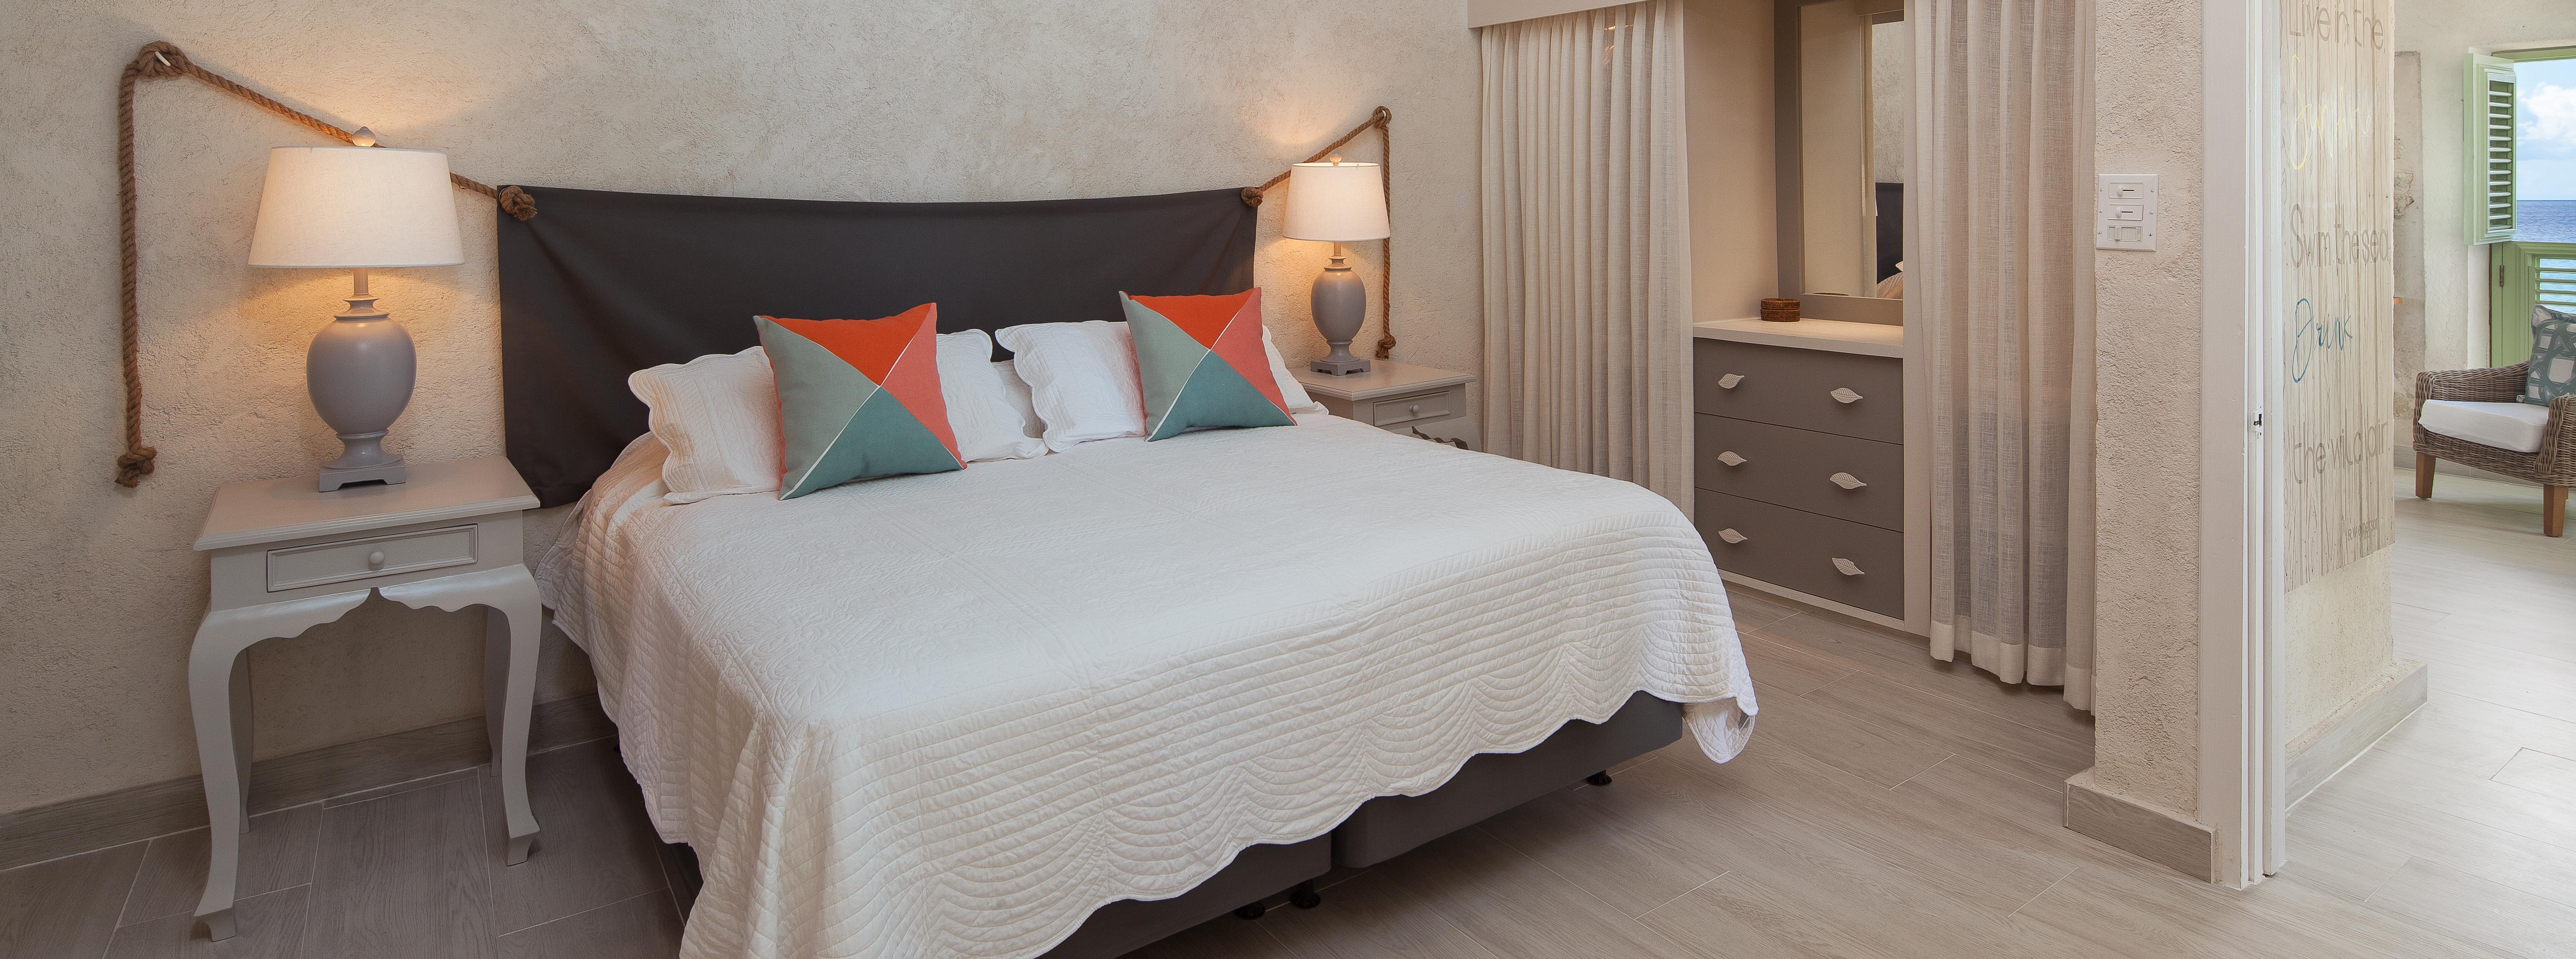 little-good-harbour-2-bedroom-suite